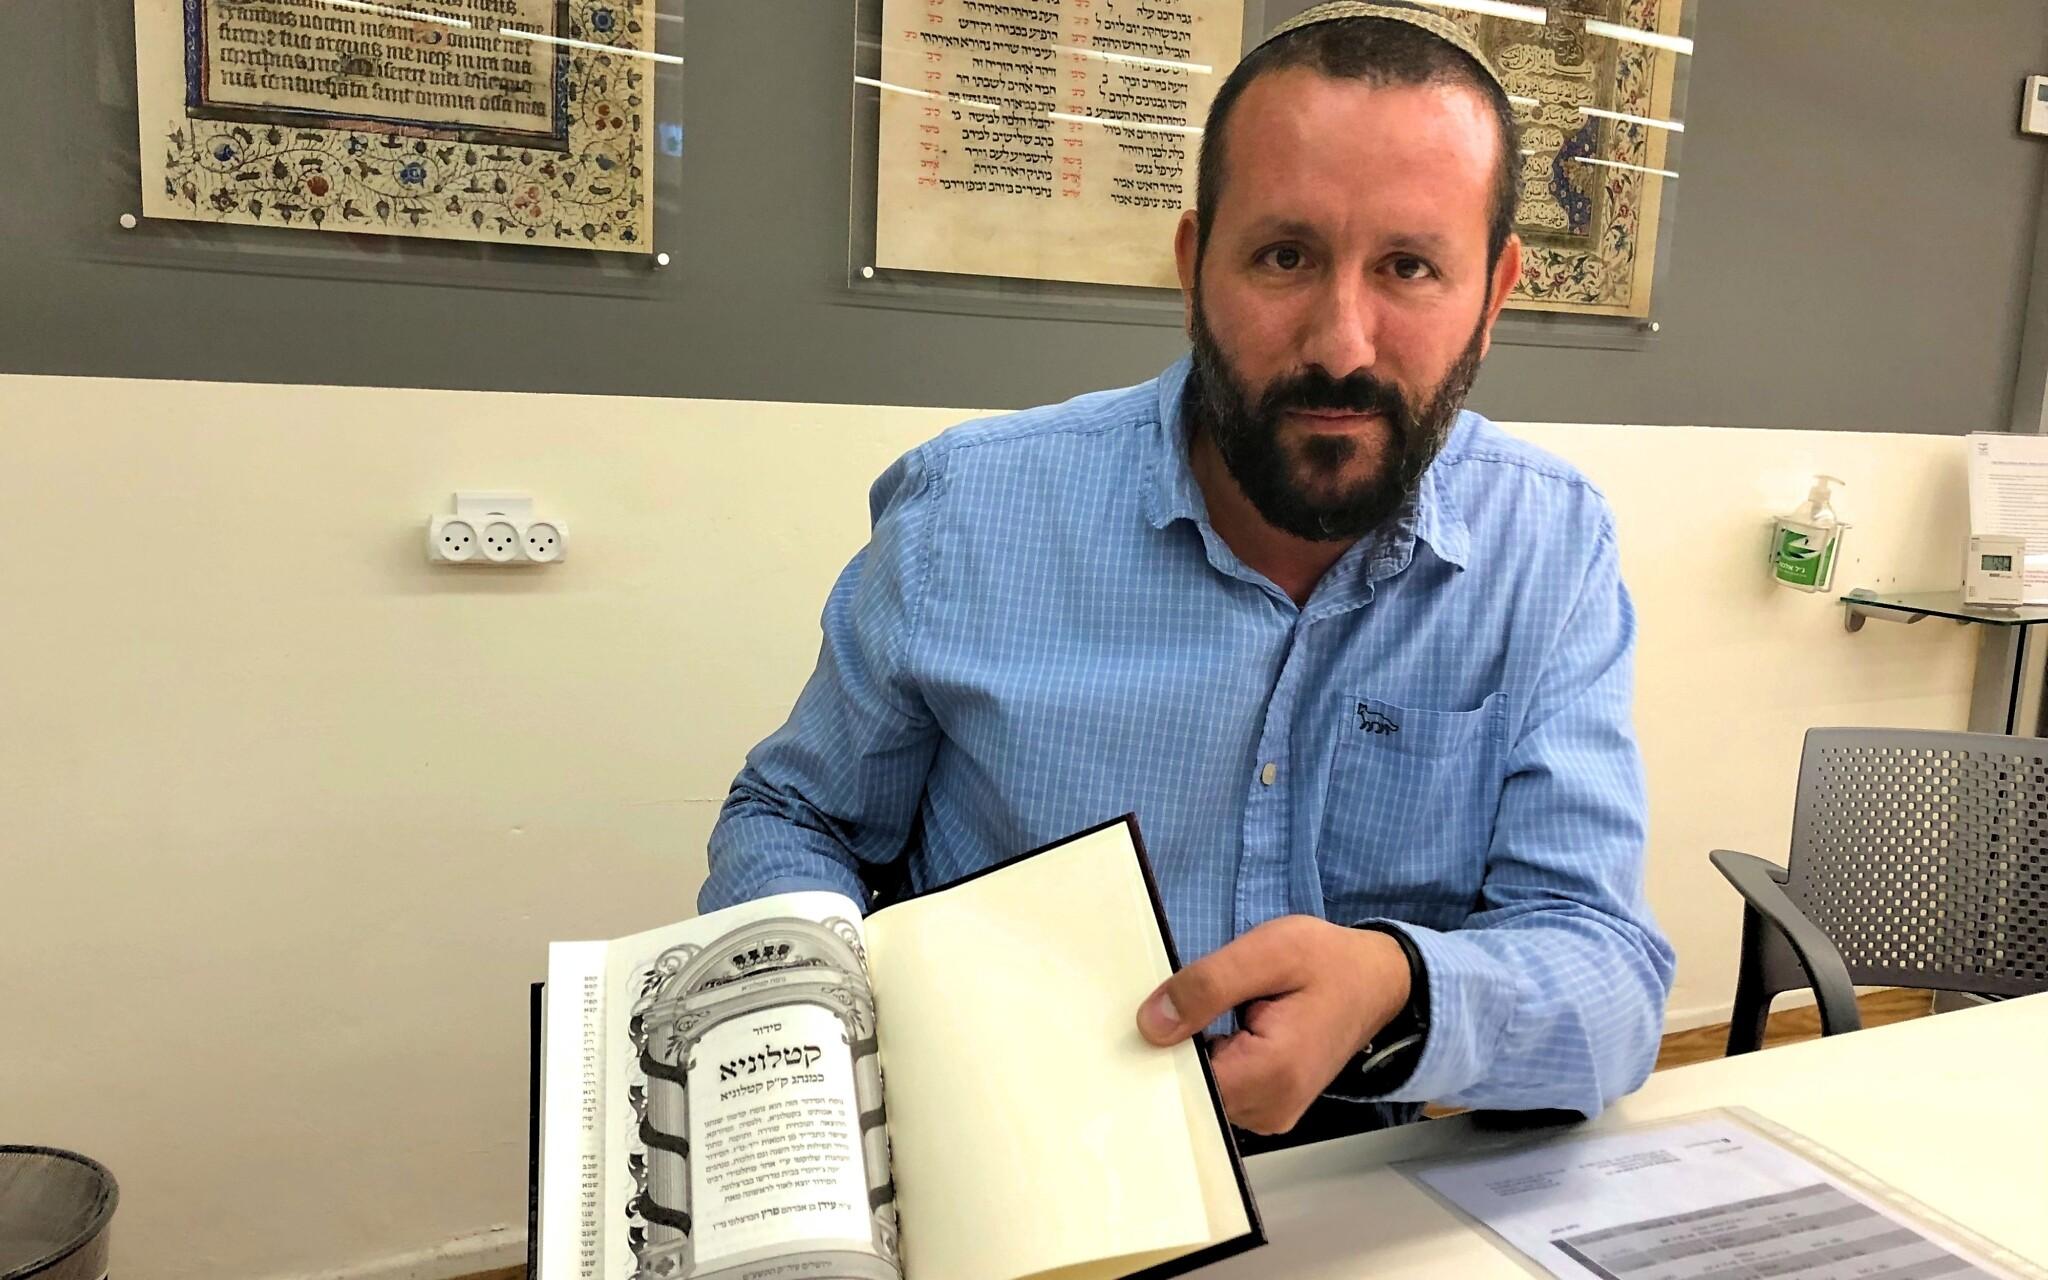 """Le Dr Idan Perez tient le """"Siddour Catalunya"""", une reconstitution du livre de prières utilisé dans certaines parties de la Catalogne avant l'expulsion, à la Bibliothèque nationale de Jérusalem, le 15 septembre 2019. (Amanda Borschel-Dan/Times d'Israël)"""